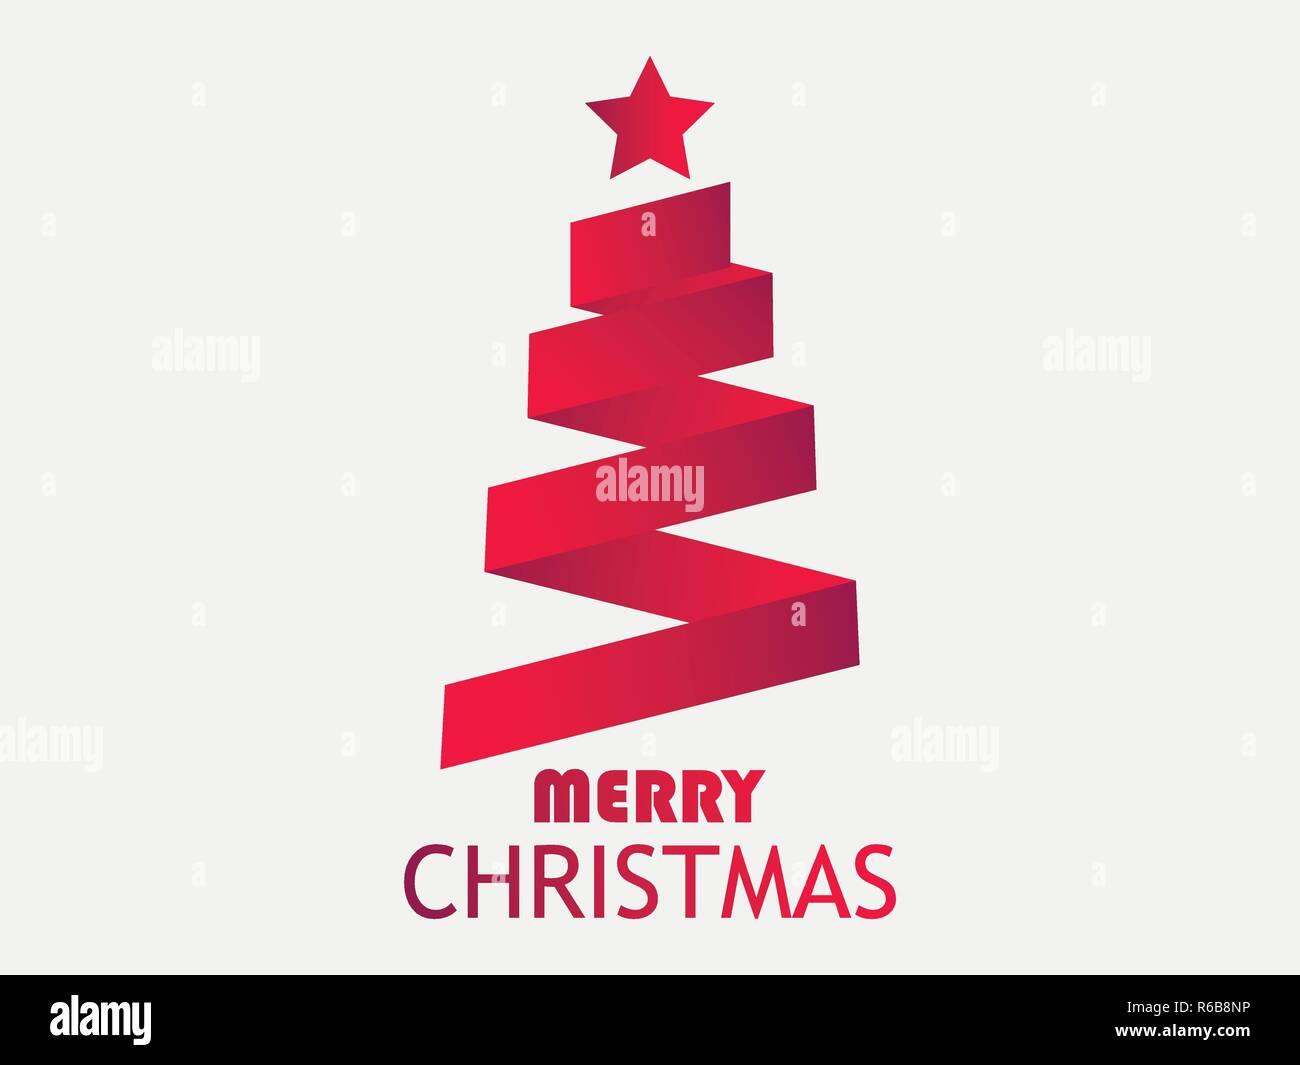 Frohe Weihnachten Band.Frohe Weihnachten Grußkarte Weihnachtsbaum Aus Band Mit Stern